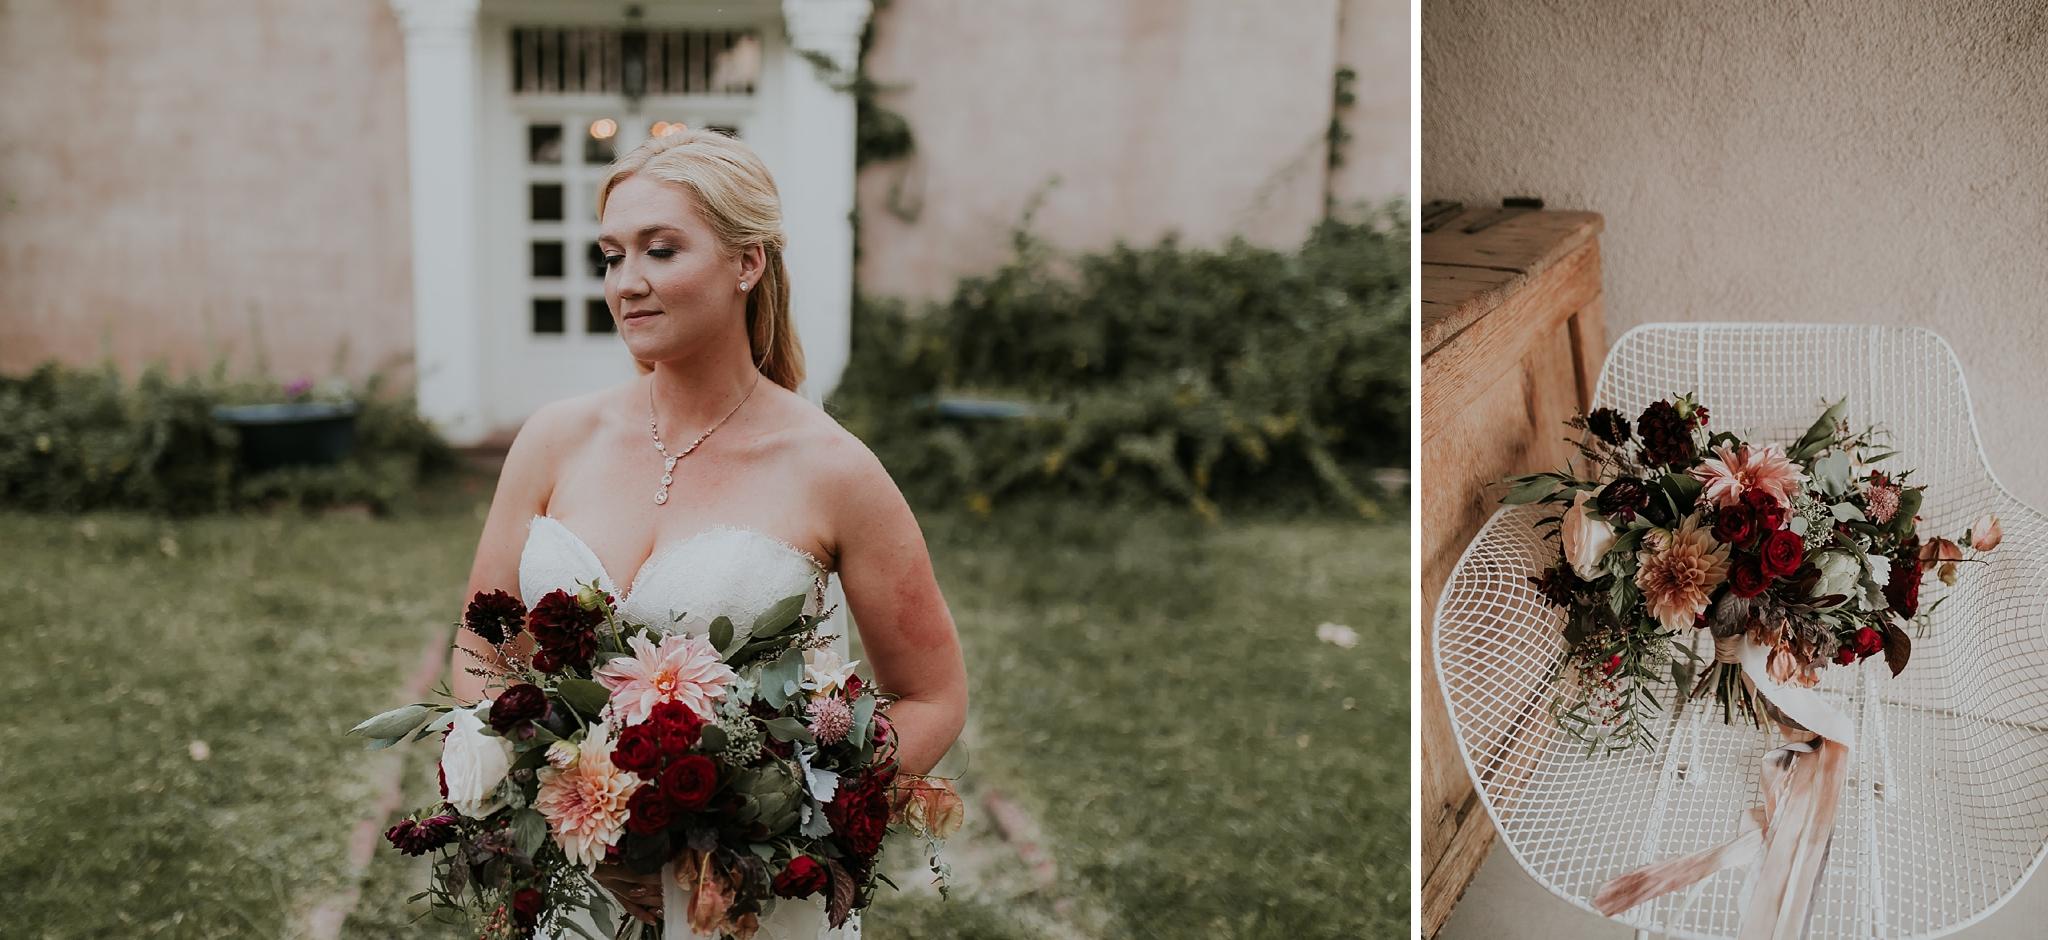 Alicia+lucia+photography+-+albuquerque+wedding+photographer+-+santa+fe+wedding+photography+-+new+mexico+wedding+photographer+-+new+mexico+wedding+-+new+mexico+florist+-+floriography+flowers+-+floriography+flowers+new+mexico+-+wedding+florist_0083.jpg